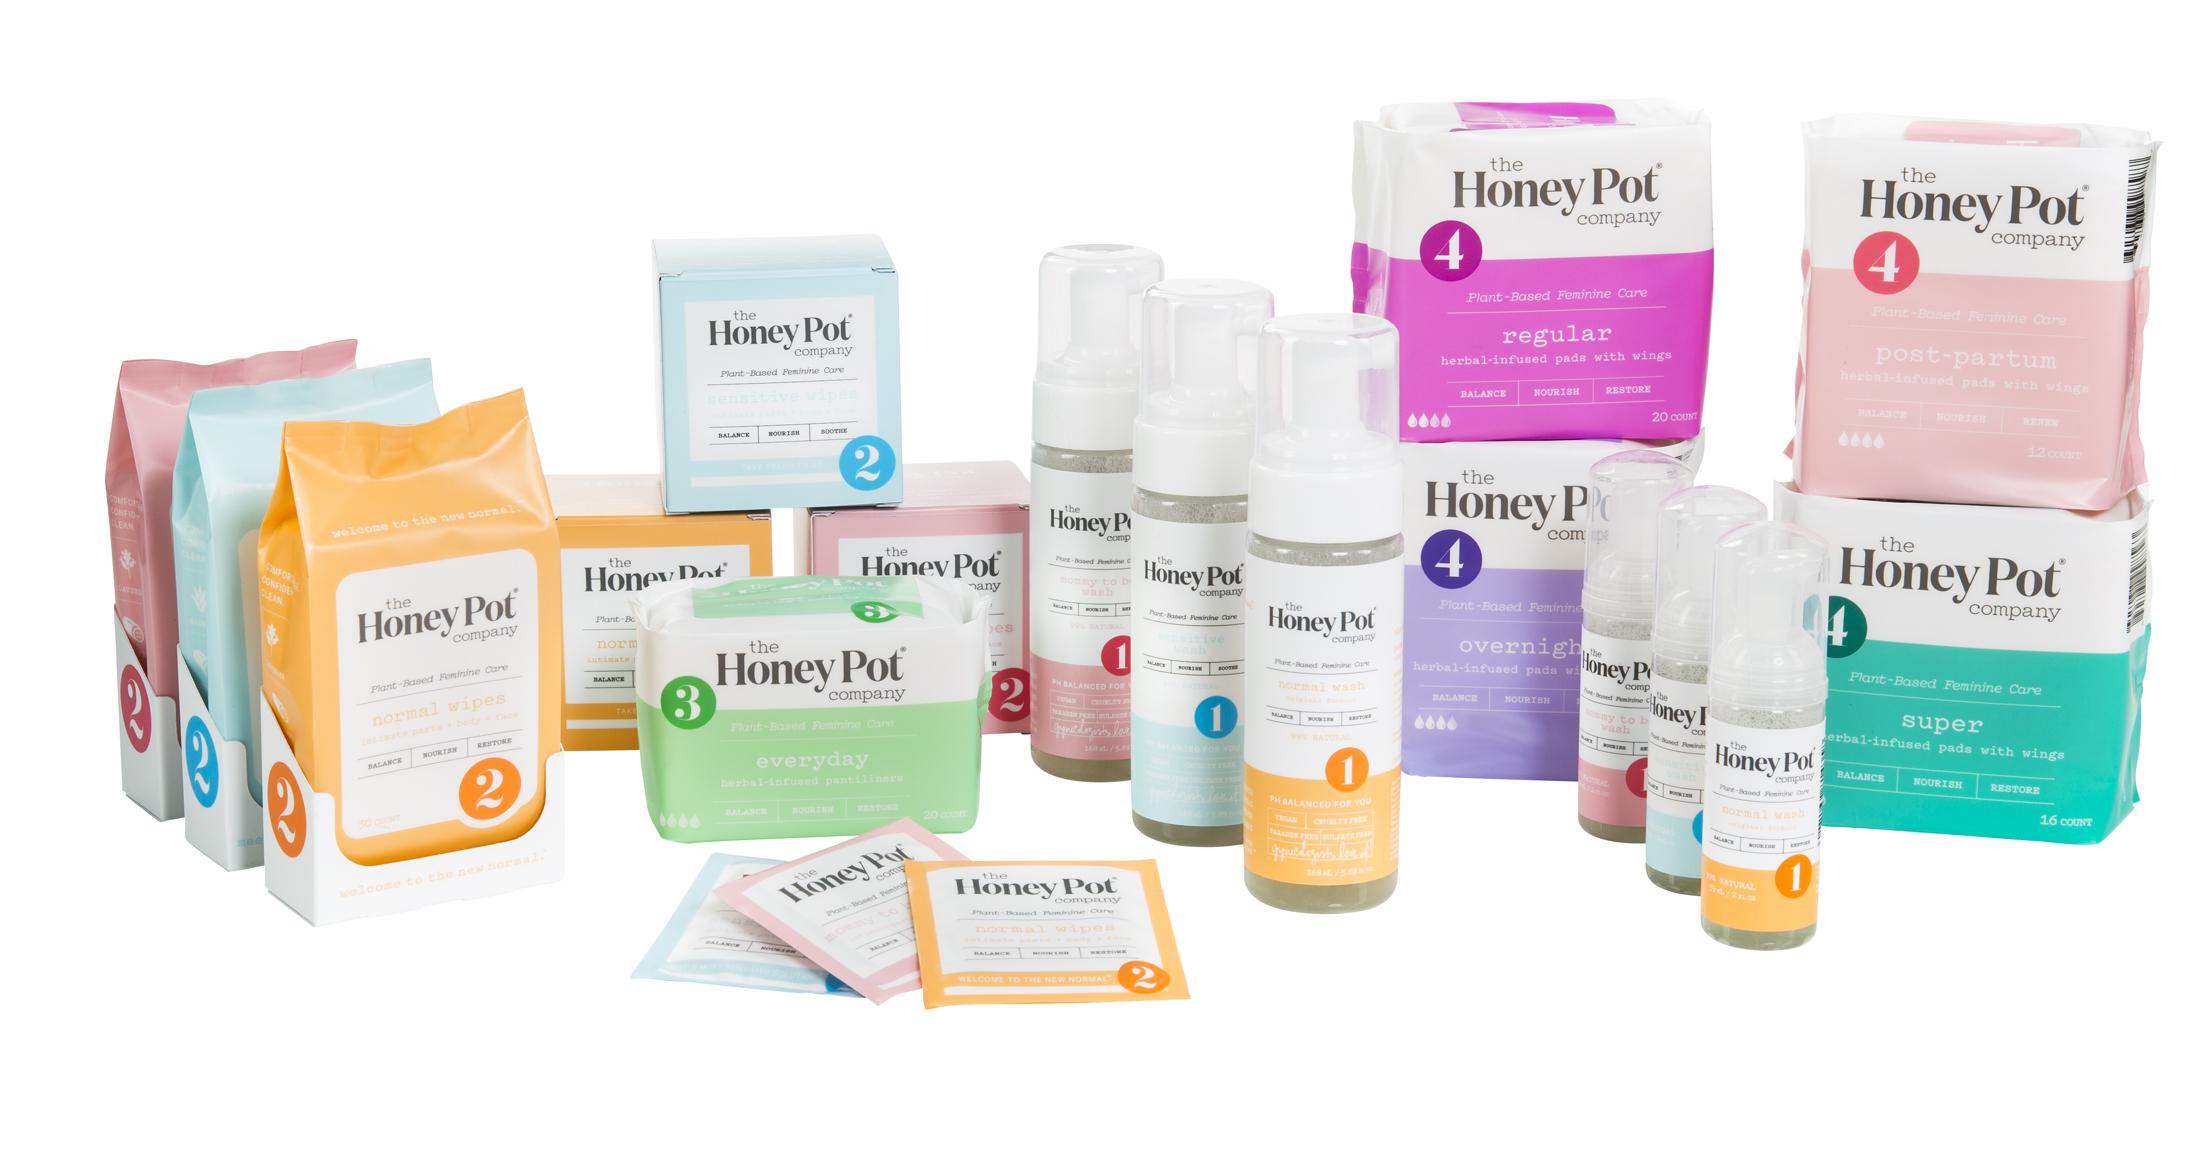 The Honey Pot Company